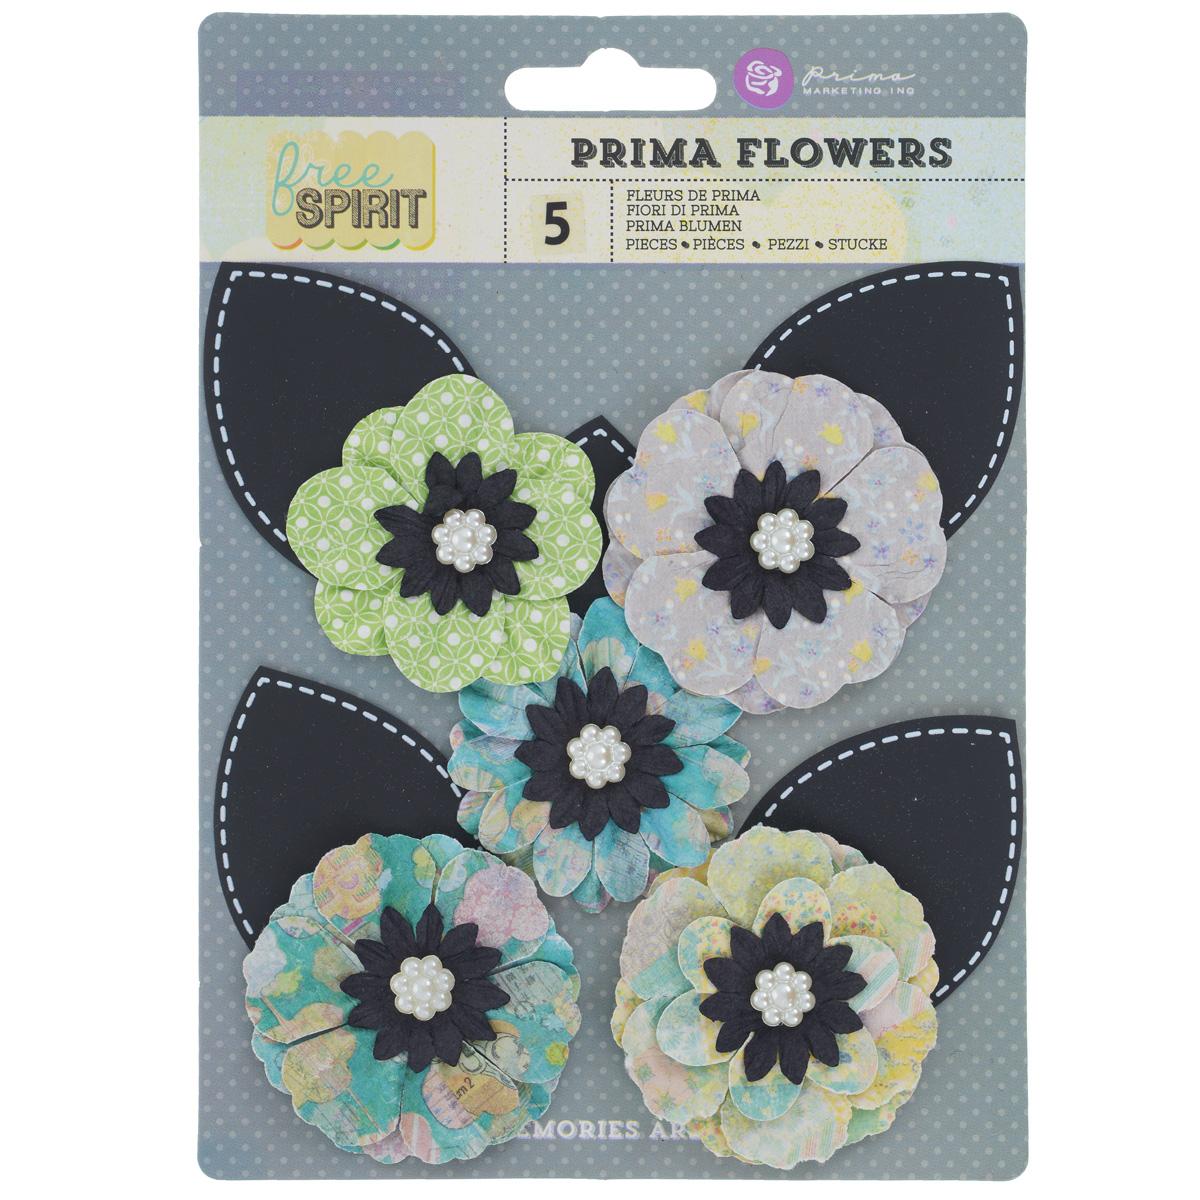 Декоративный элемент Prima Flowers Bell Bottoms, 5 шт574260Набор Prima Flowers Bell Bottoms, изготовленный из бумаги, состоит из 5 декоративных элементов в виде небольших цветков. Изделия украшены пластиковым жемчугом и предназначены для декорирования. Цветы идеально подойдут для свадебных, винтажных творческих работ, украшения фотоальбомов, дневников, блокнотов. Они могут пригодиться в оформлении подарков, а также в скрапбукинге. Декоративные элементы можно приклеить. Средний диаметр элемента: 5 см.